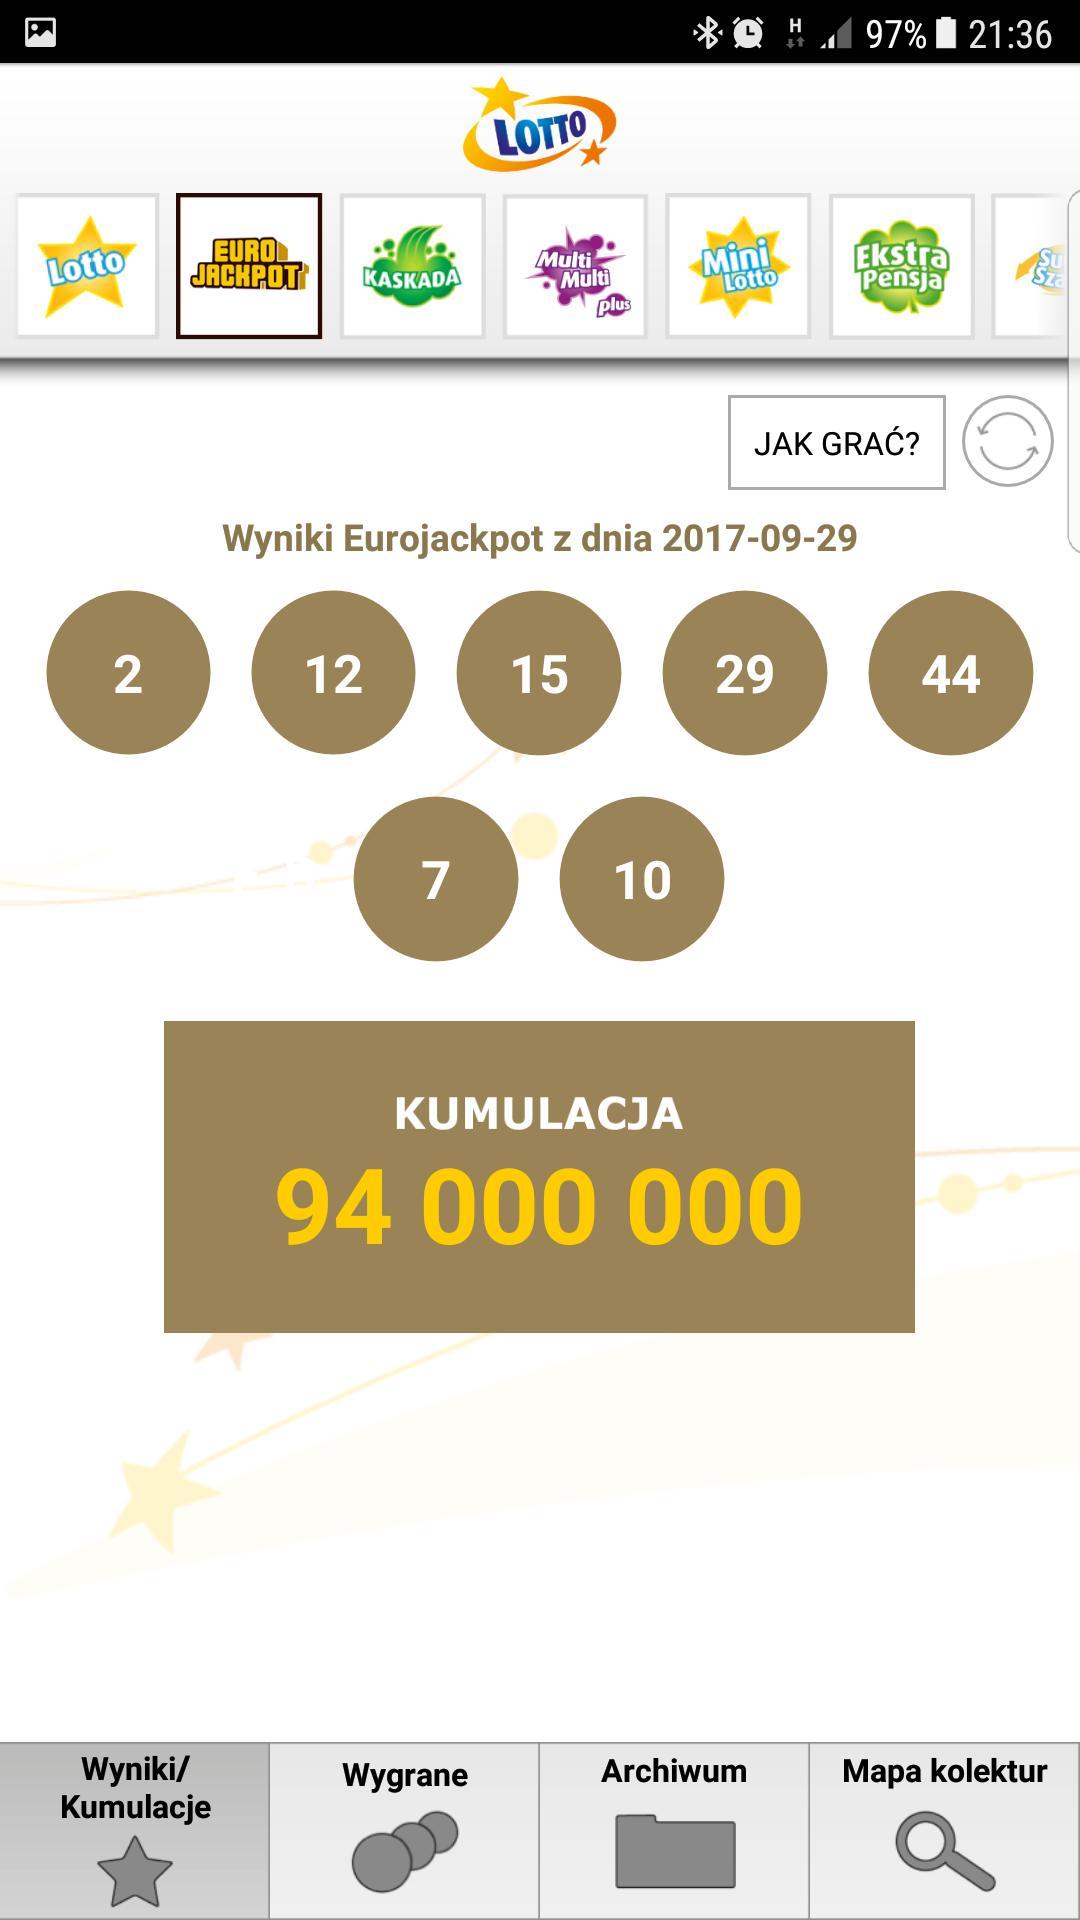 Lotto austria (lotto 6 aus 45) онлайн — как принять участие из россии + регистрация   лотереи мира